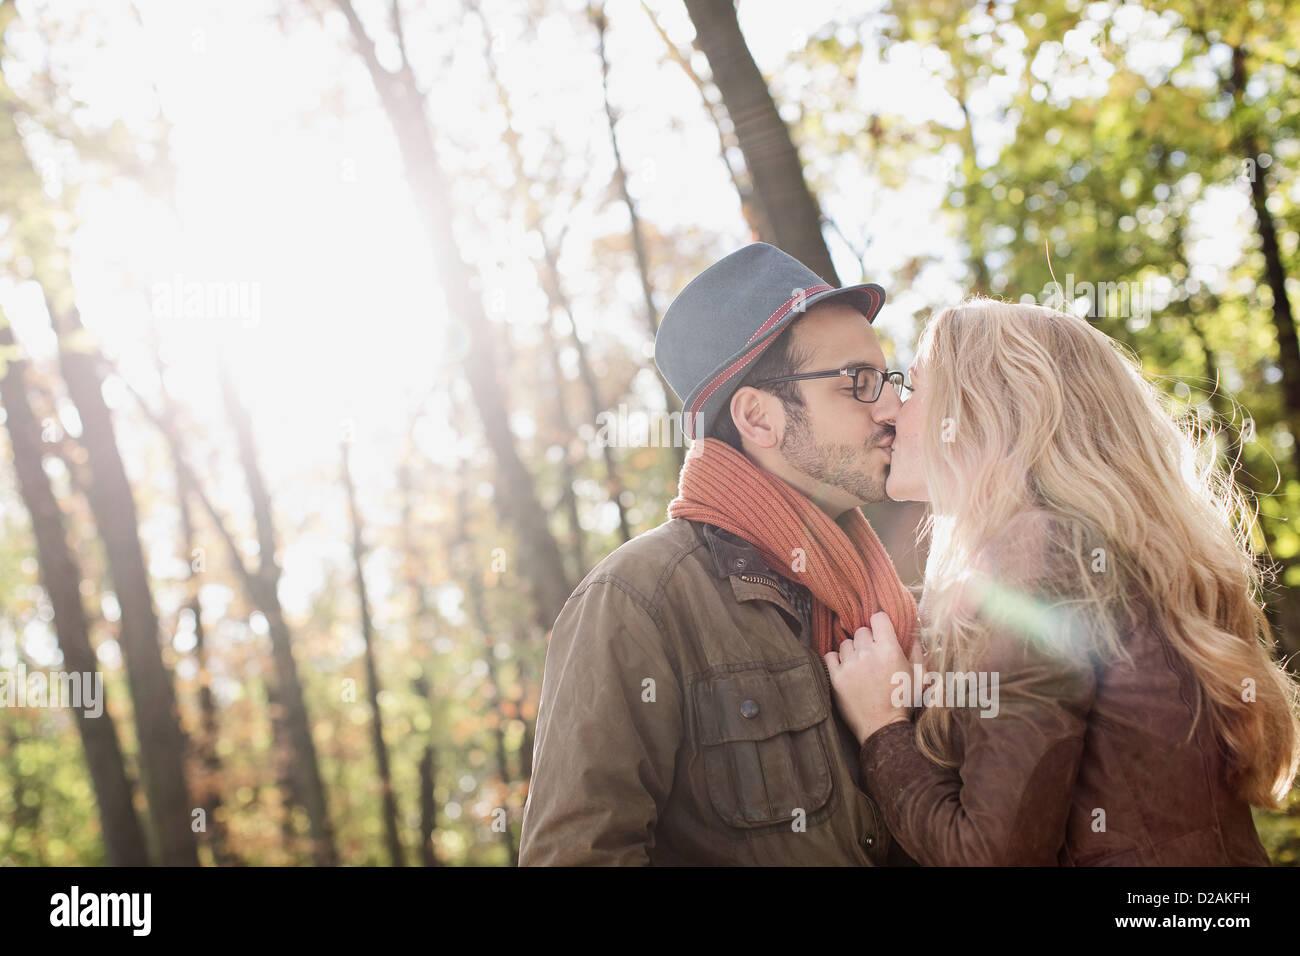 Sonriente pareja besándose en el bosque Imagen De Stock